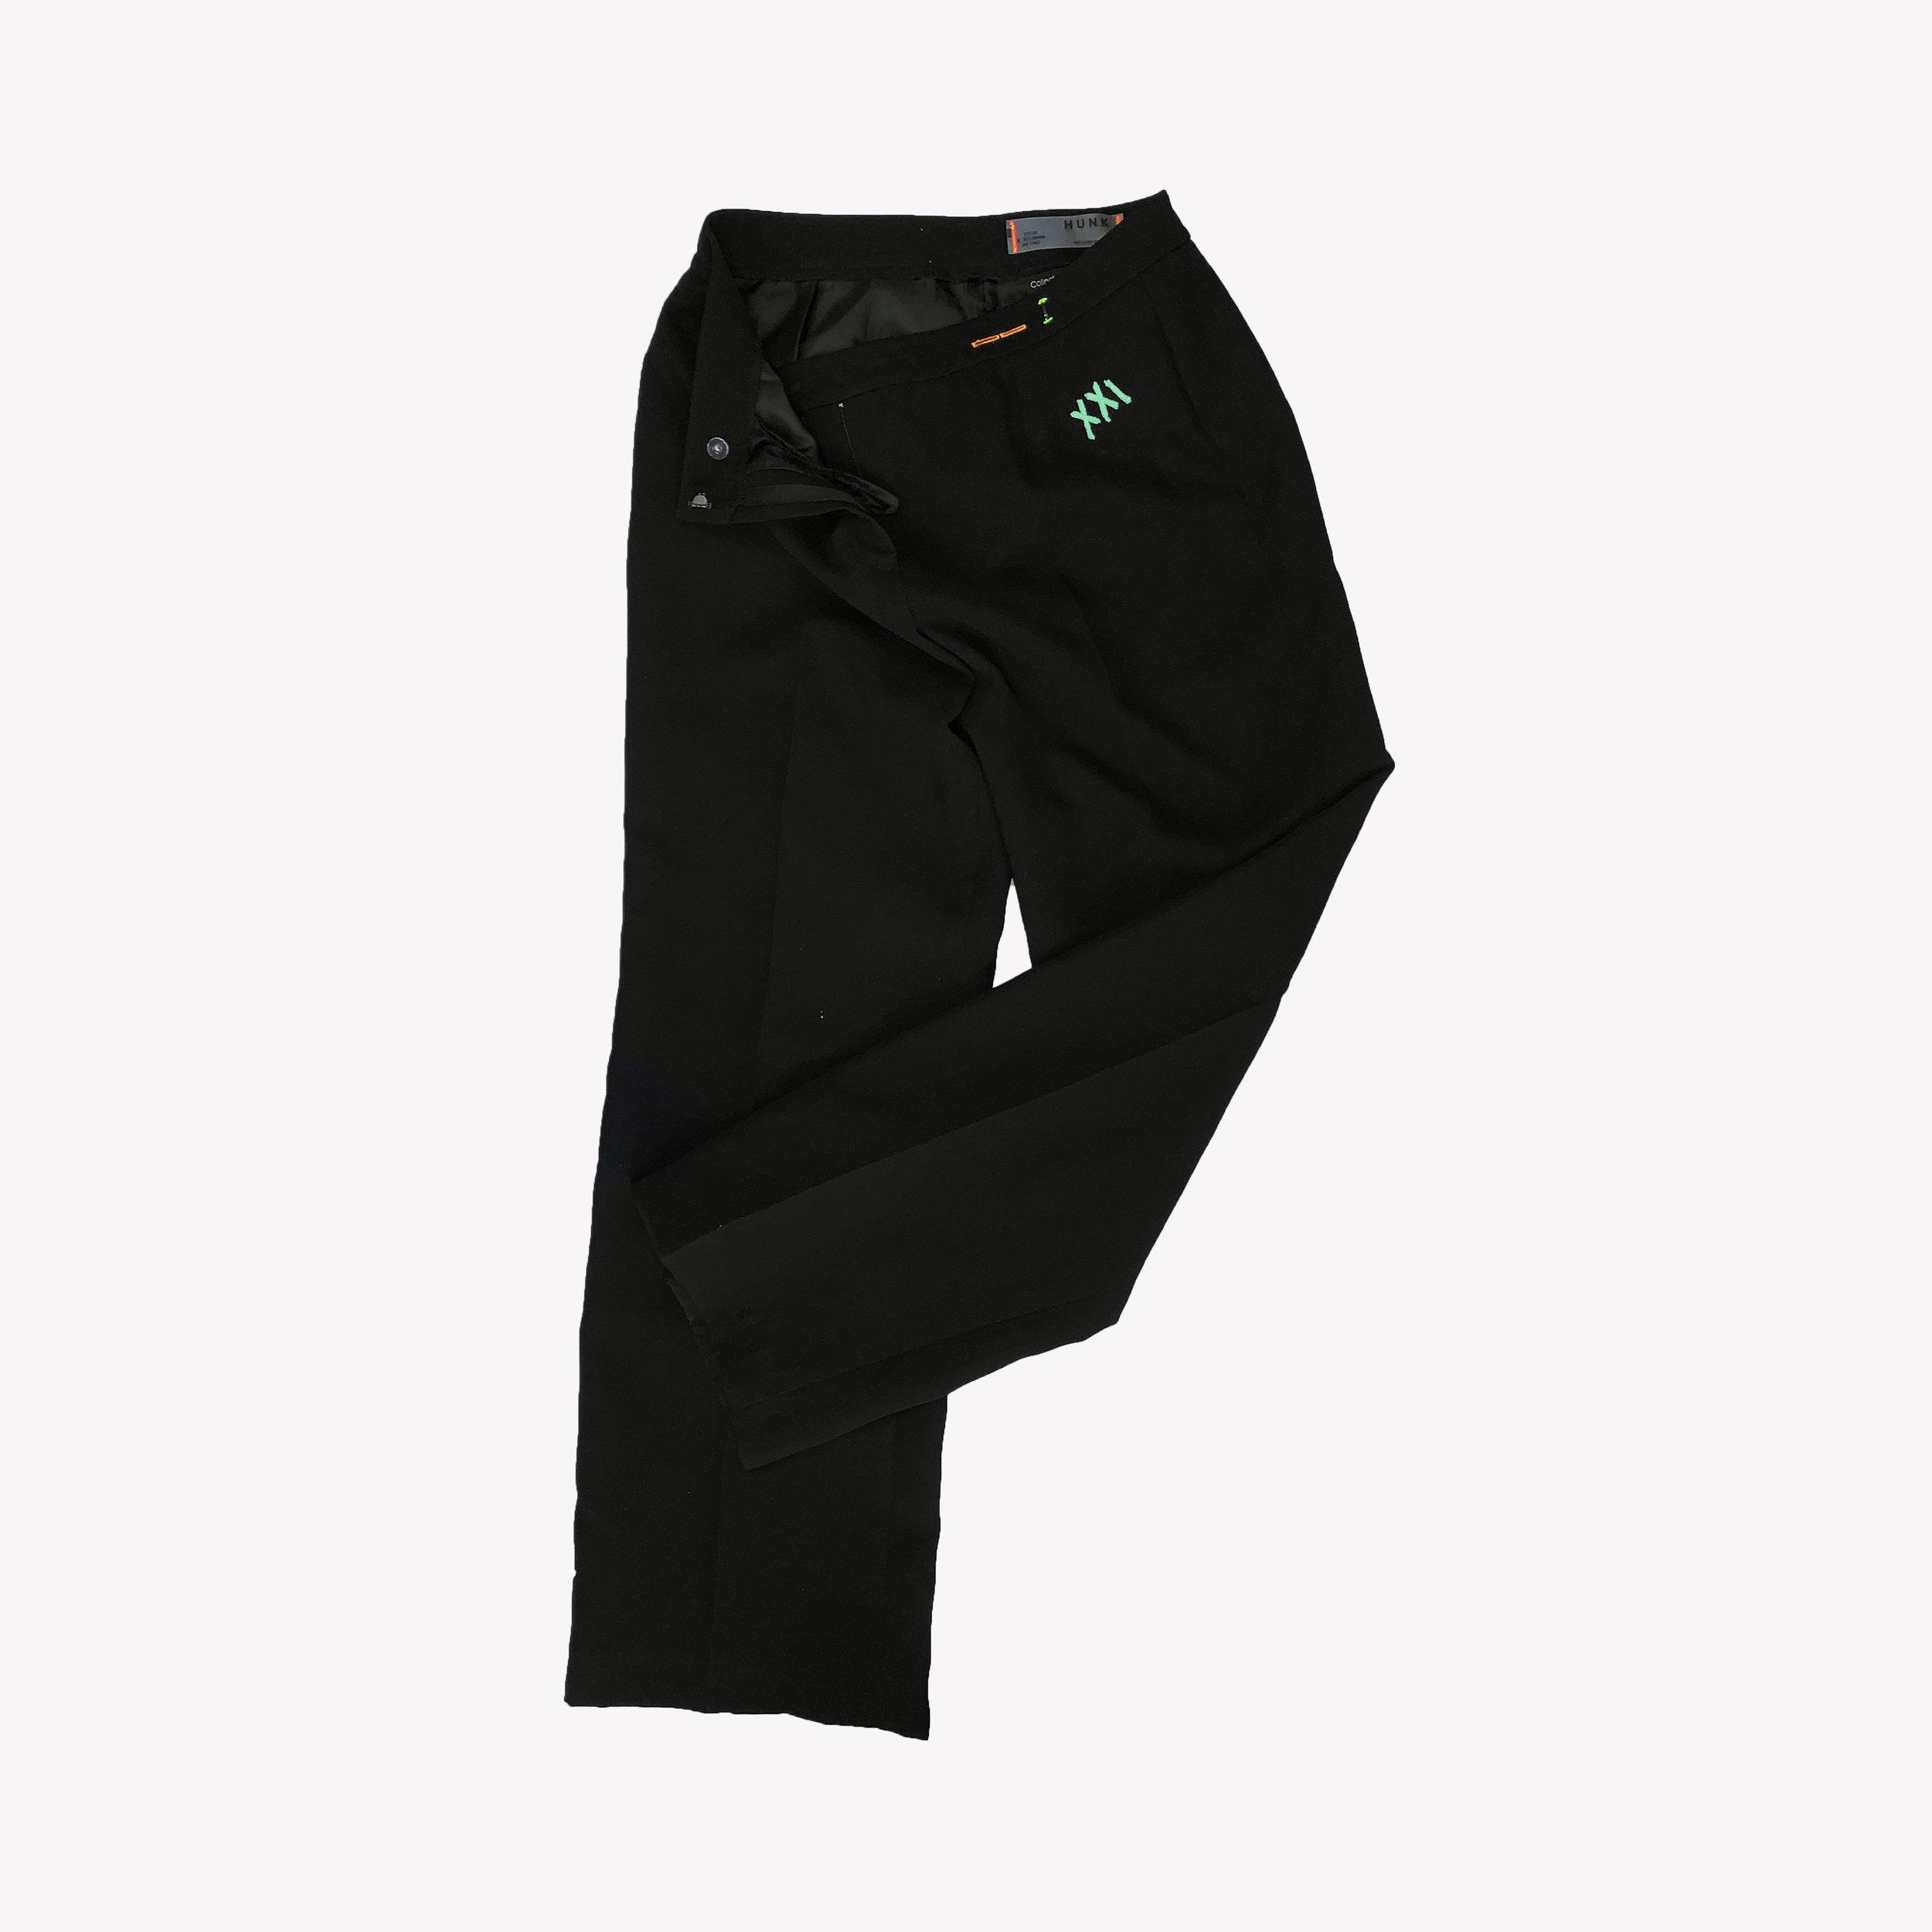 Suit Pants Leg Folded 2 copy.jpg